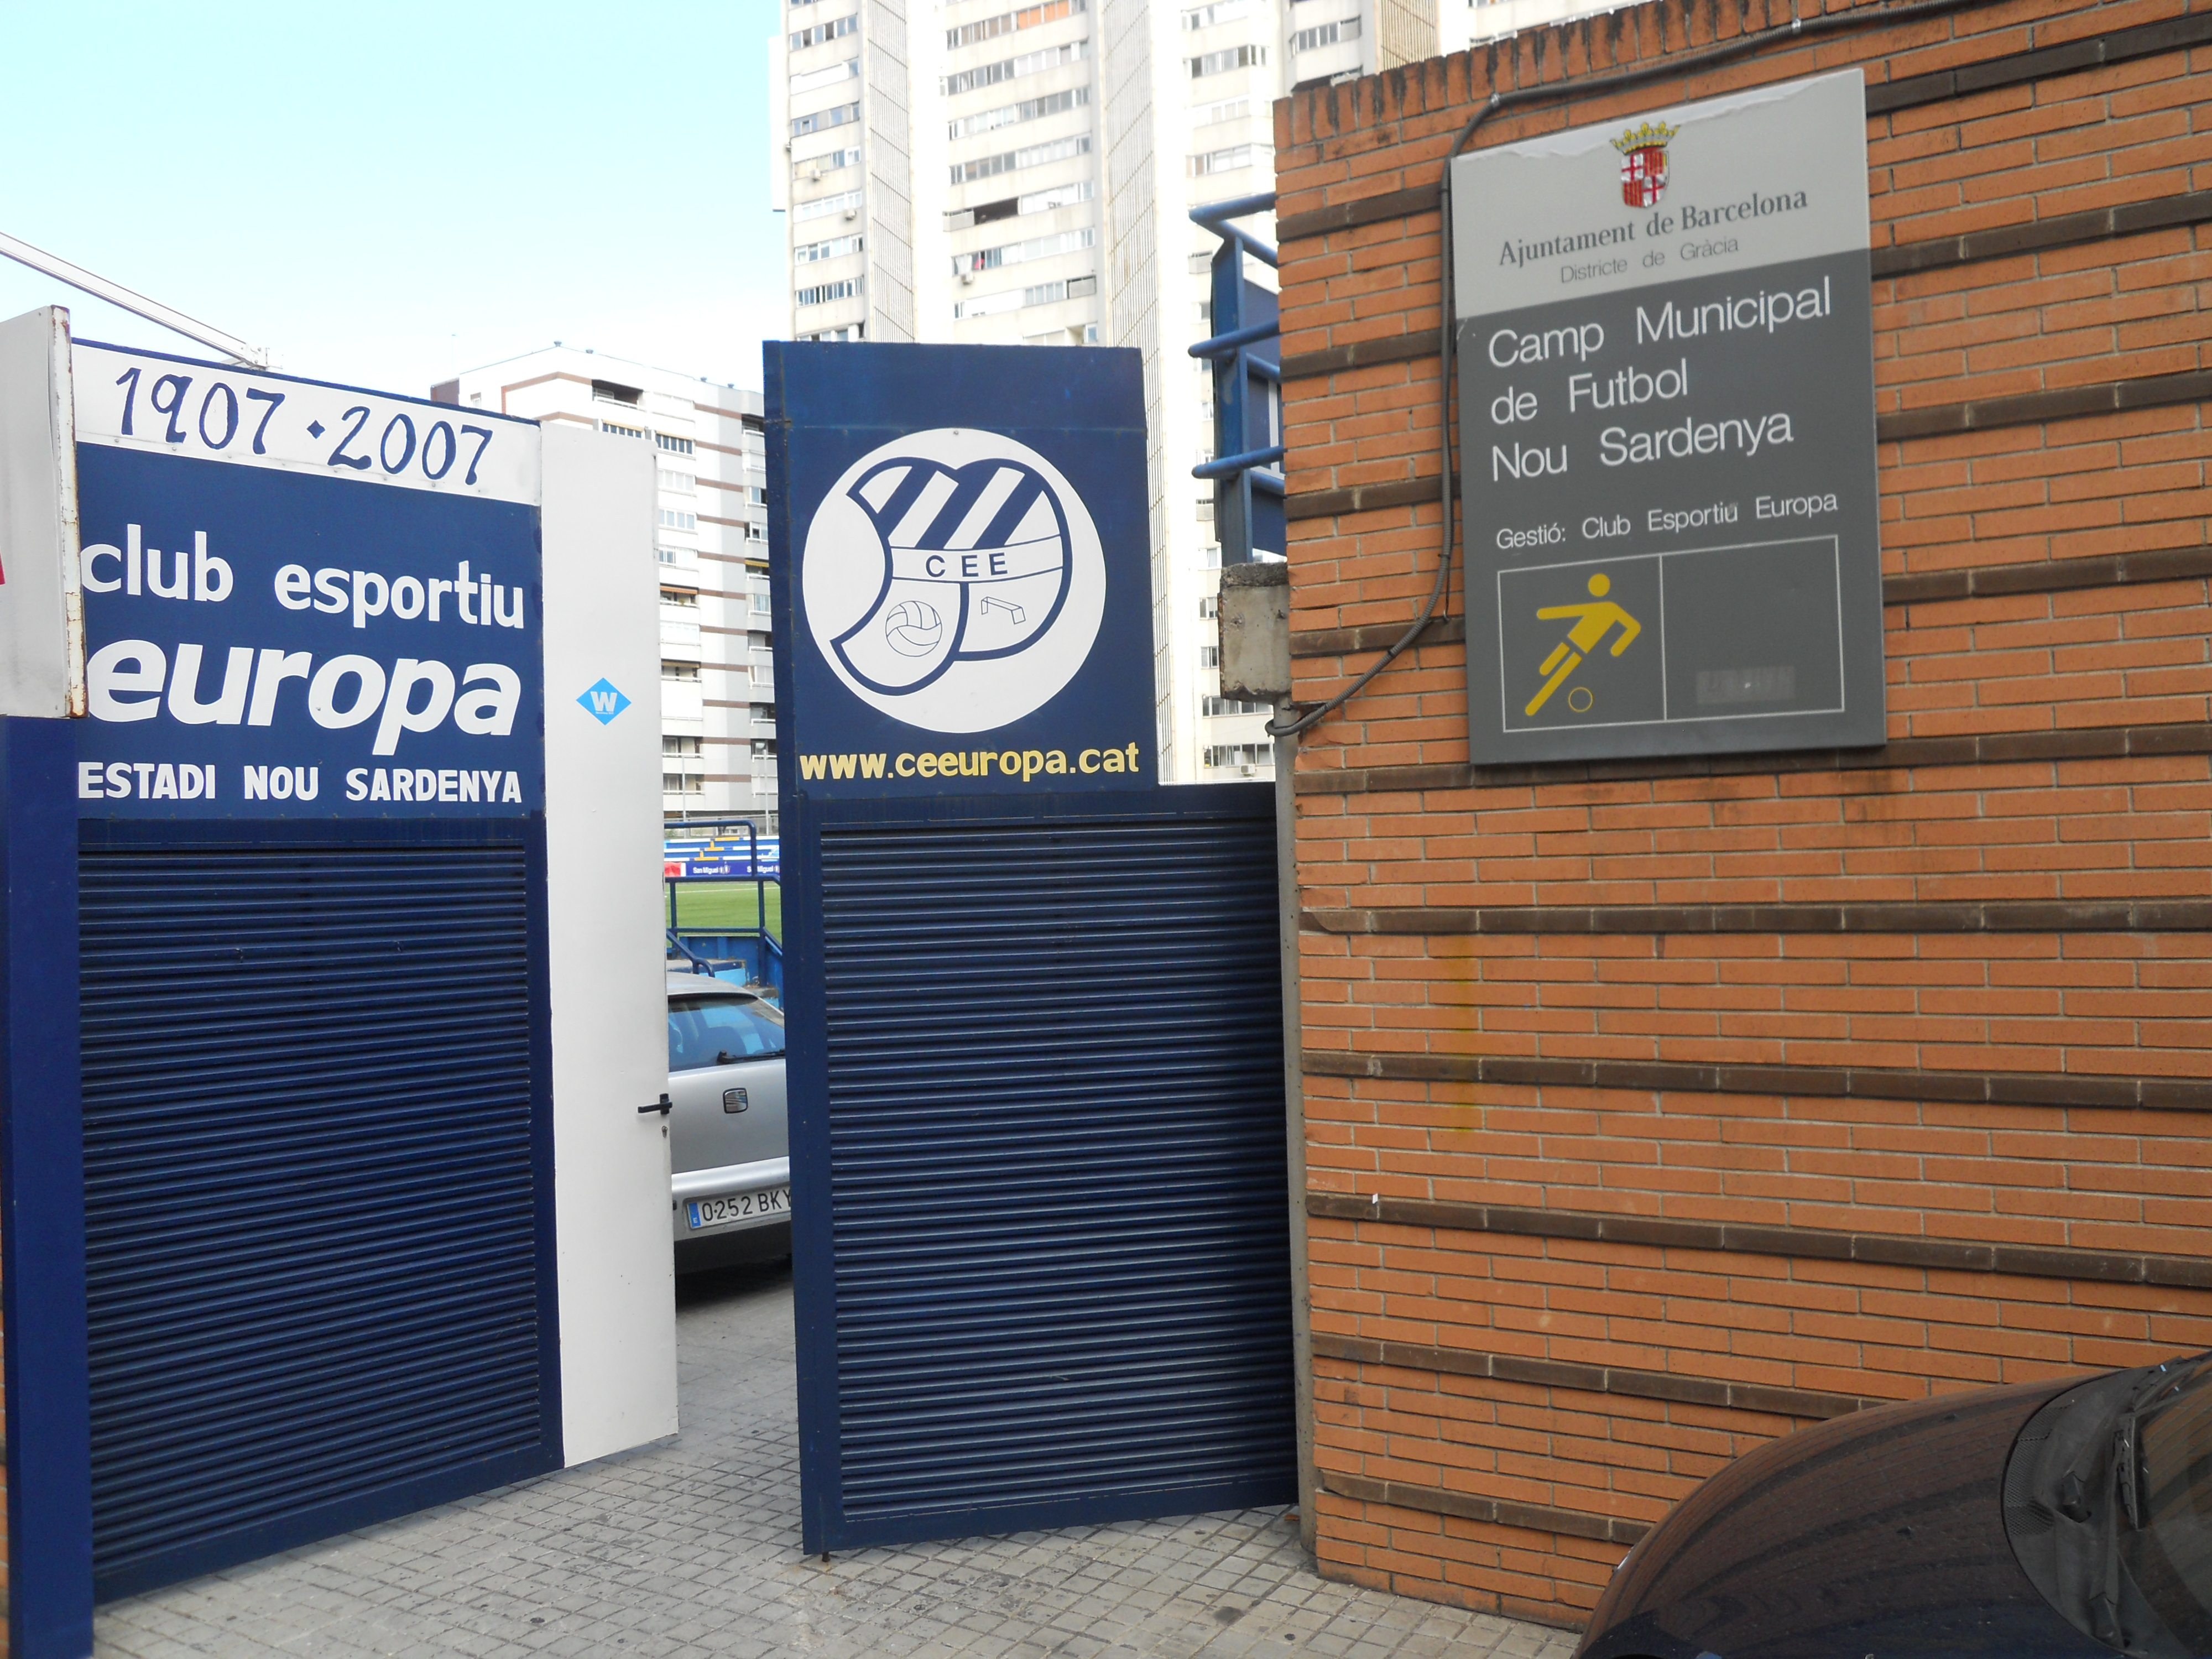 Club Esportiu Europa Fut Pop Clube